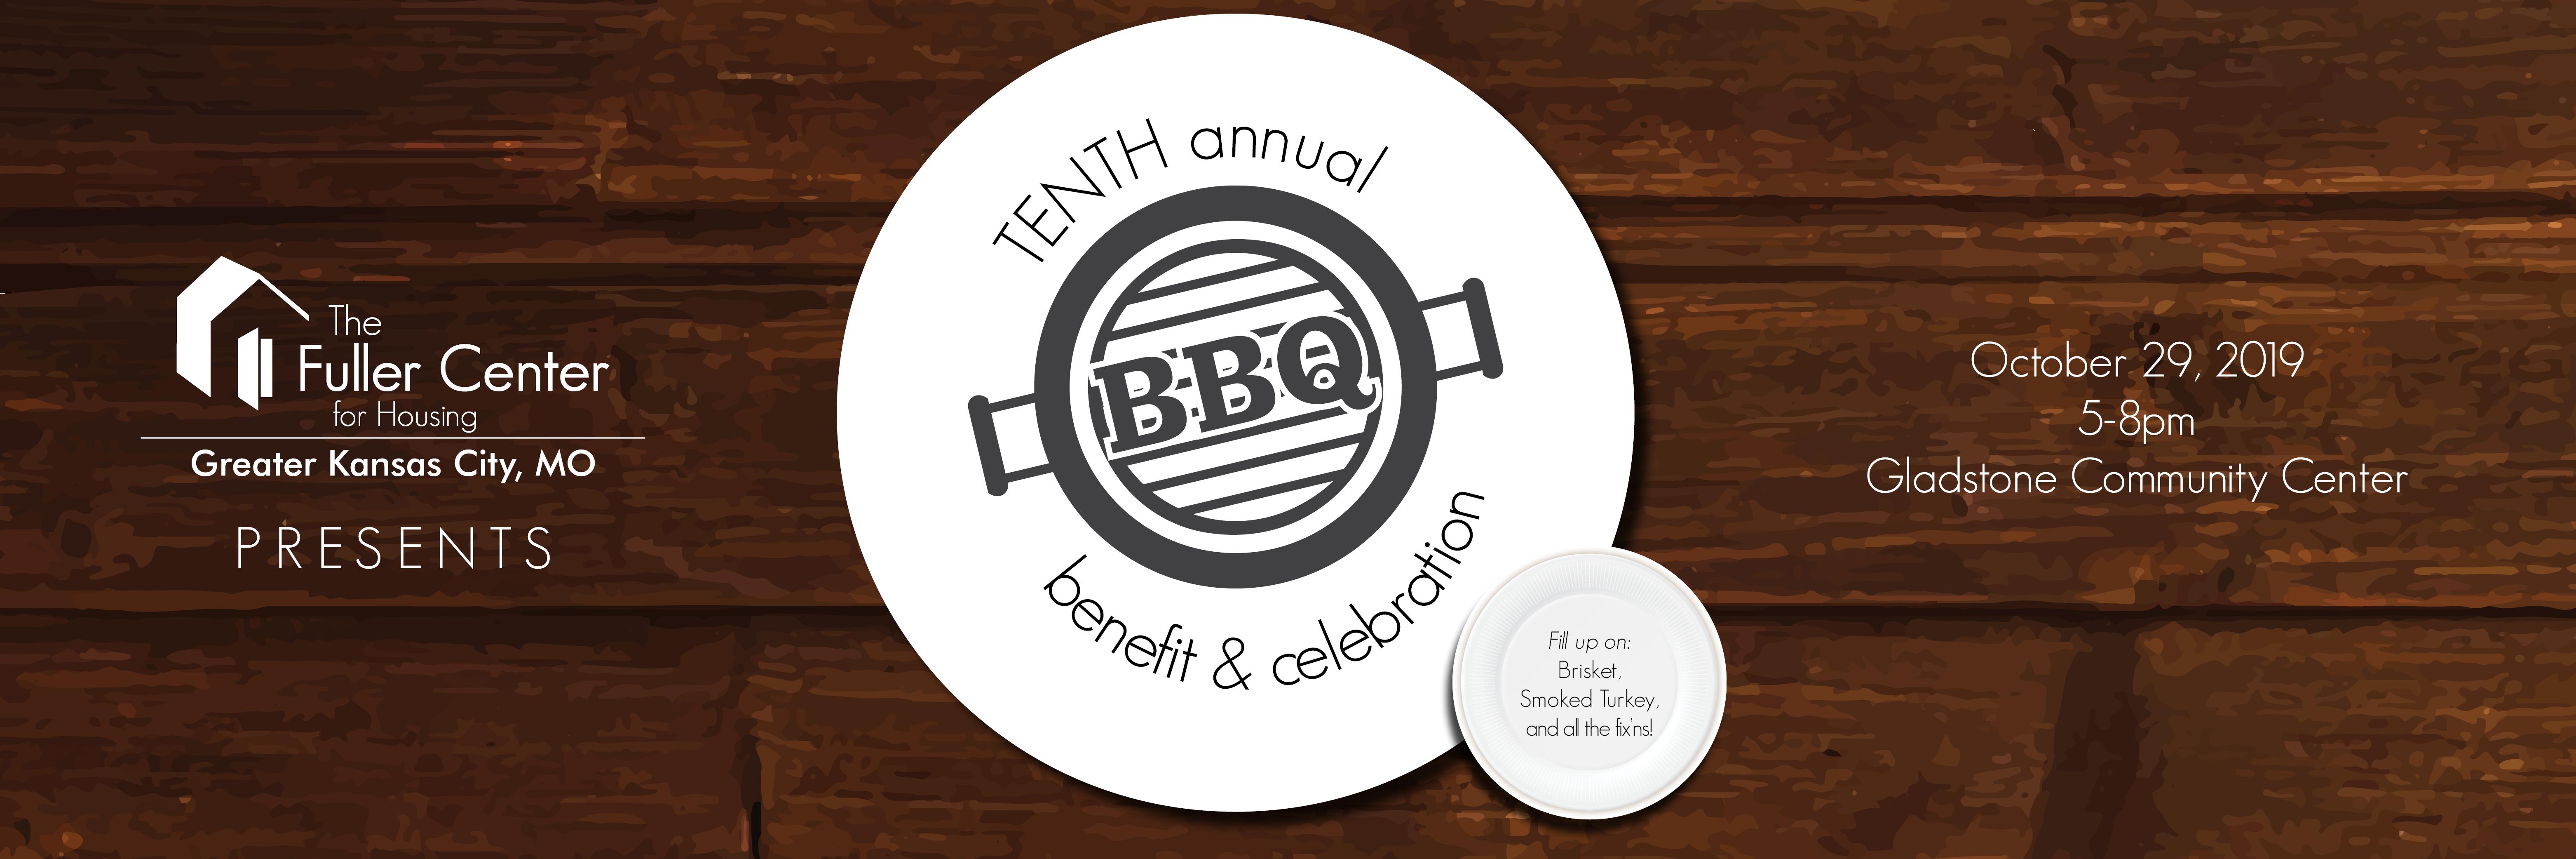 Graphic: Fuller Center for Housing of Greater Kansas City presents 10th Annual BBQ, Benefit & Celebration | fullercenterkc.org